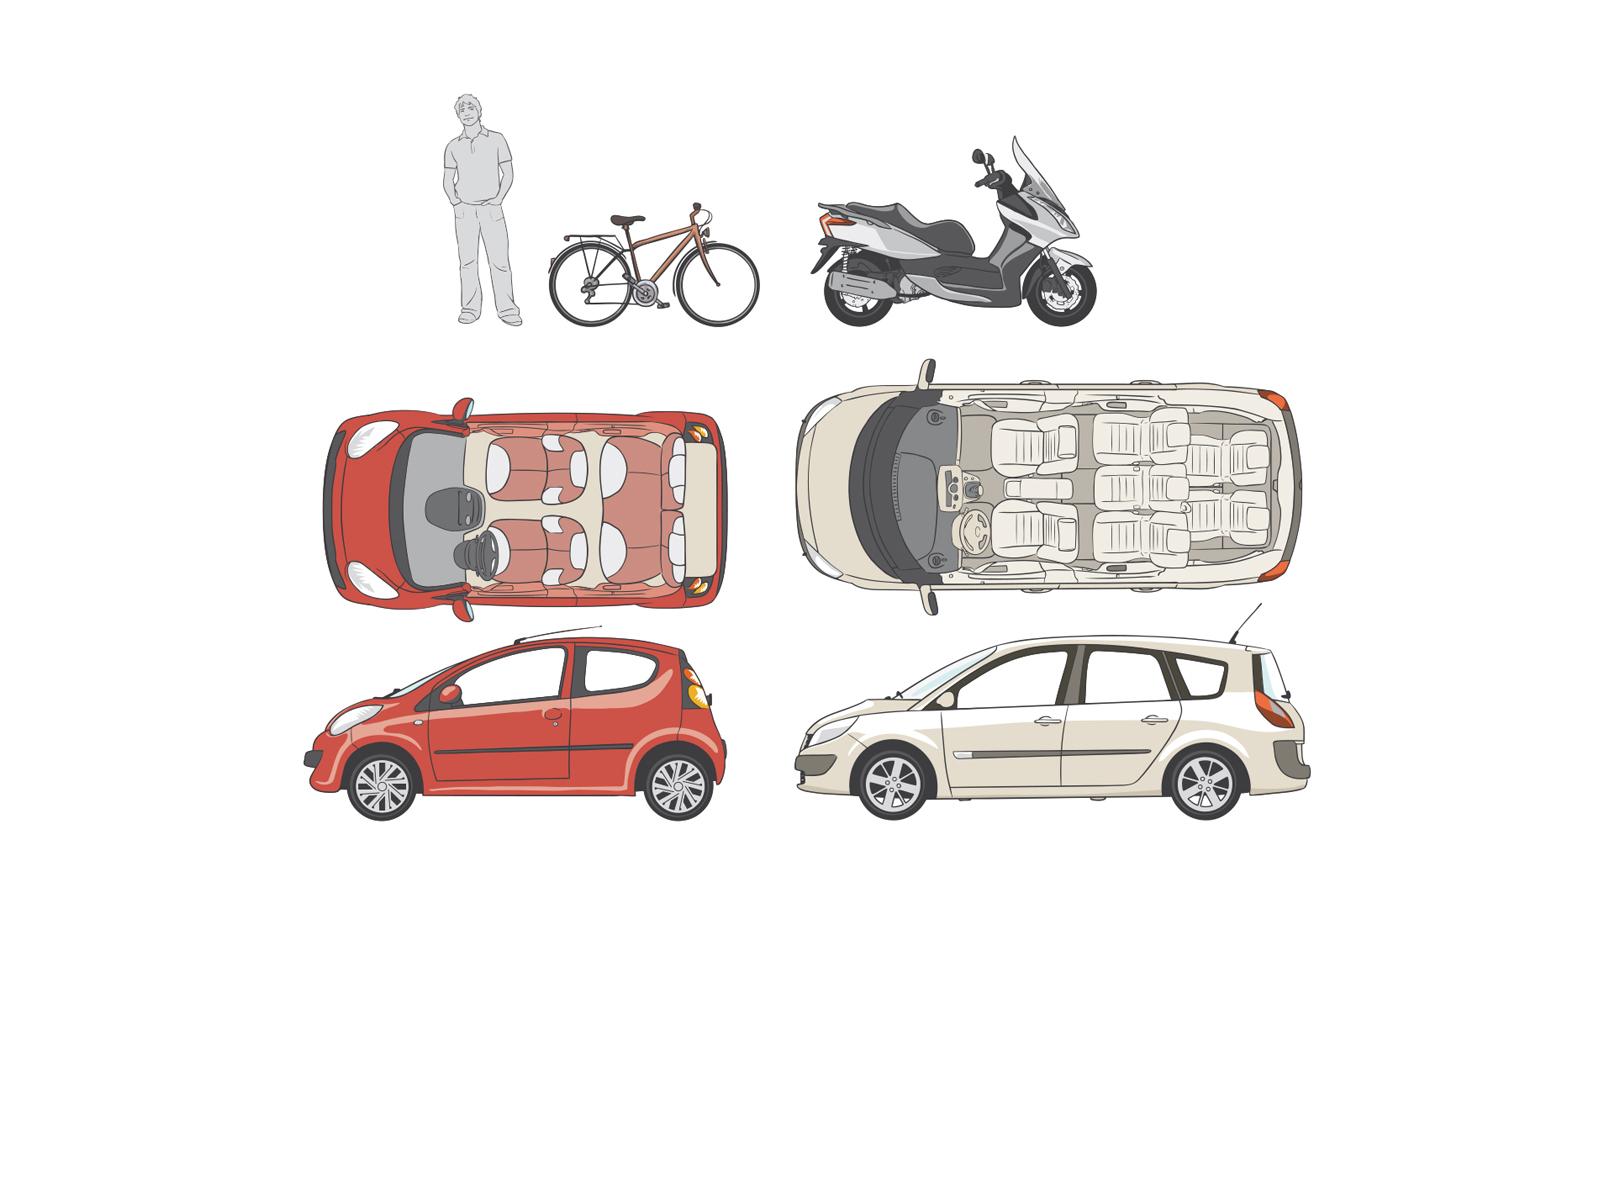 illustrations-aurlienboudeault-4272